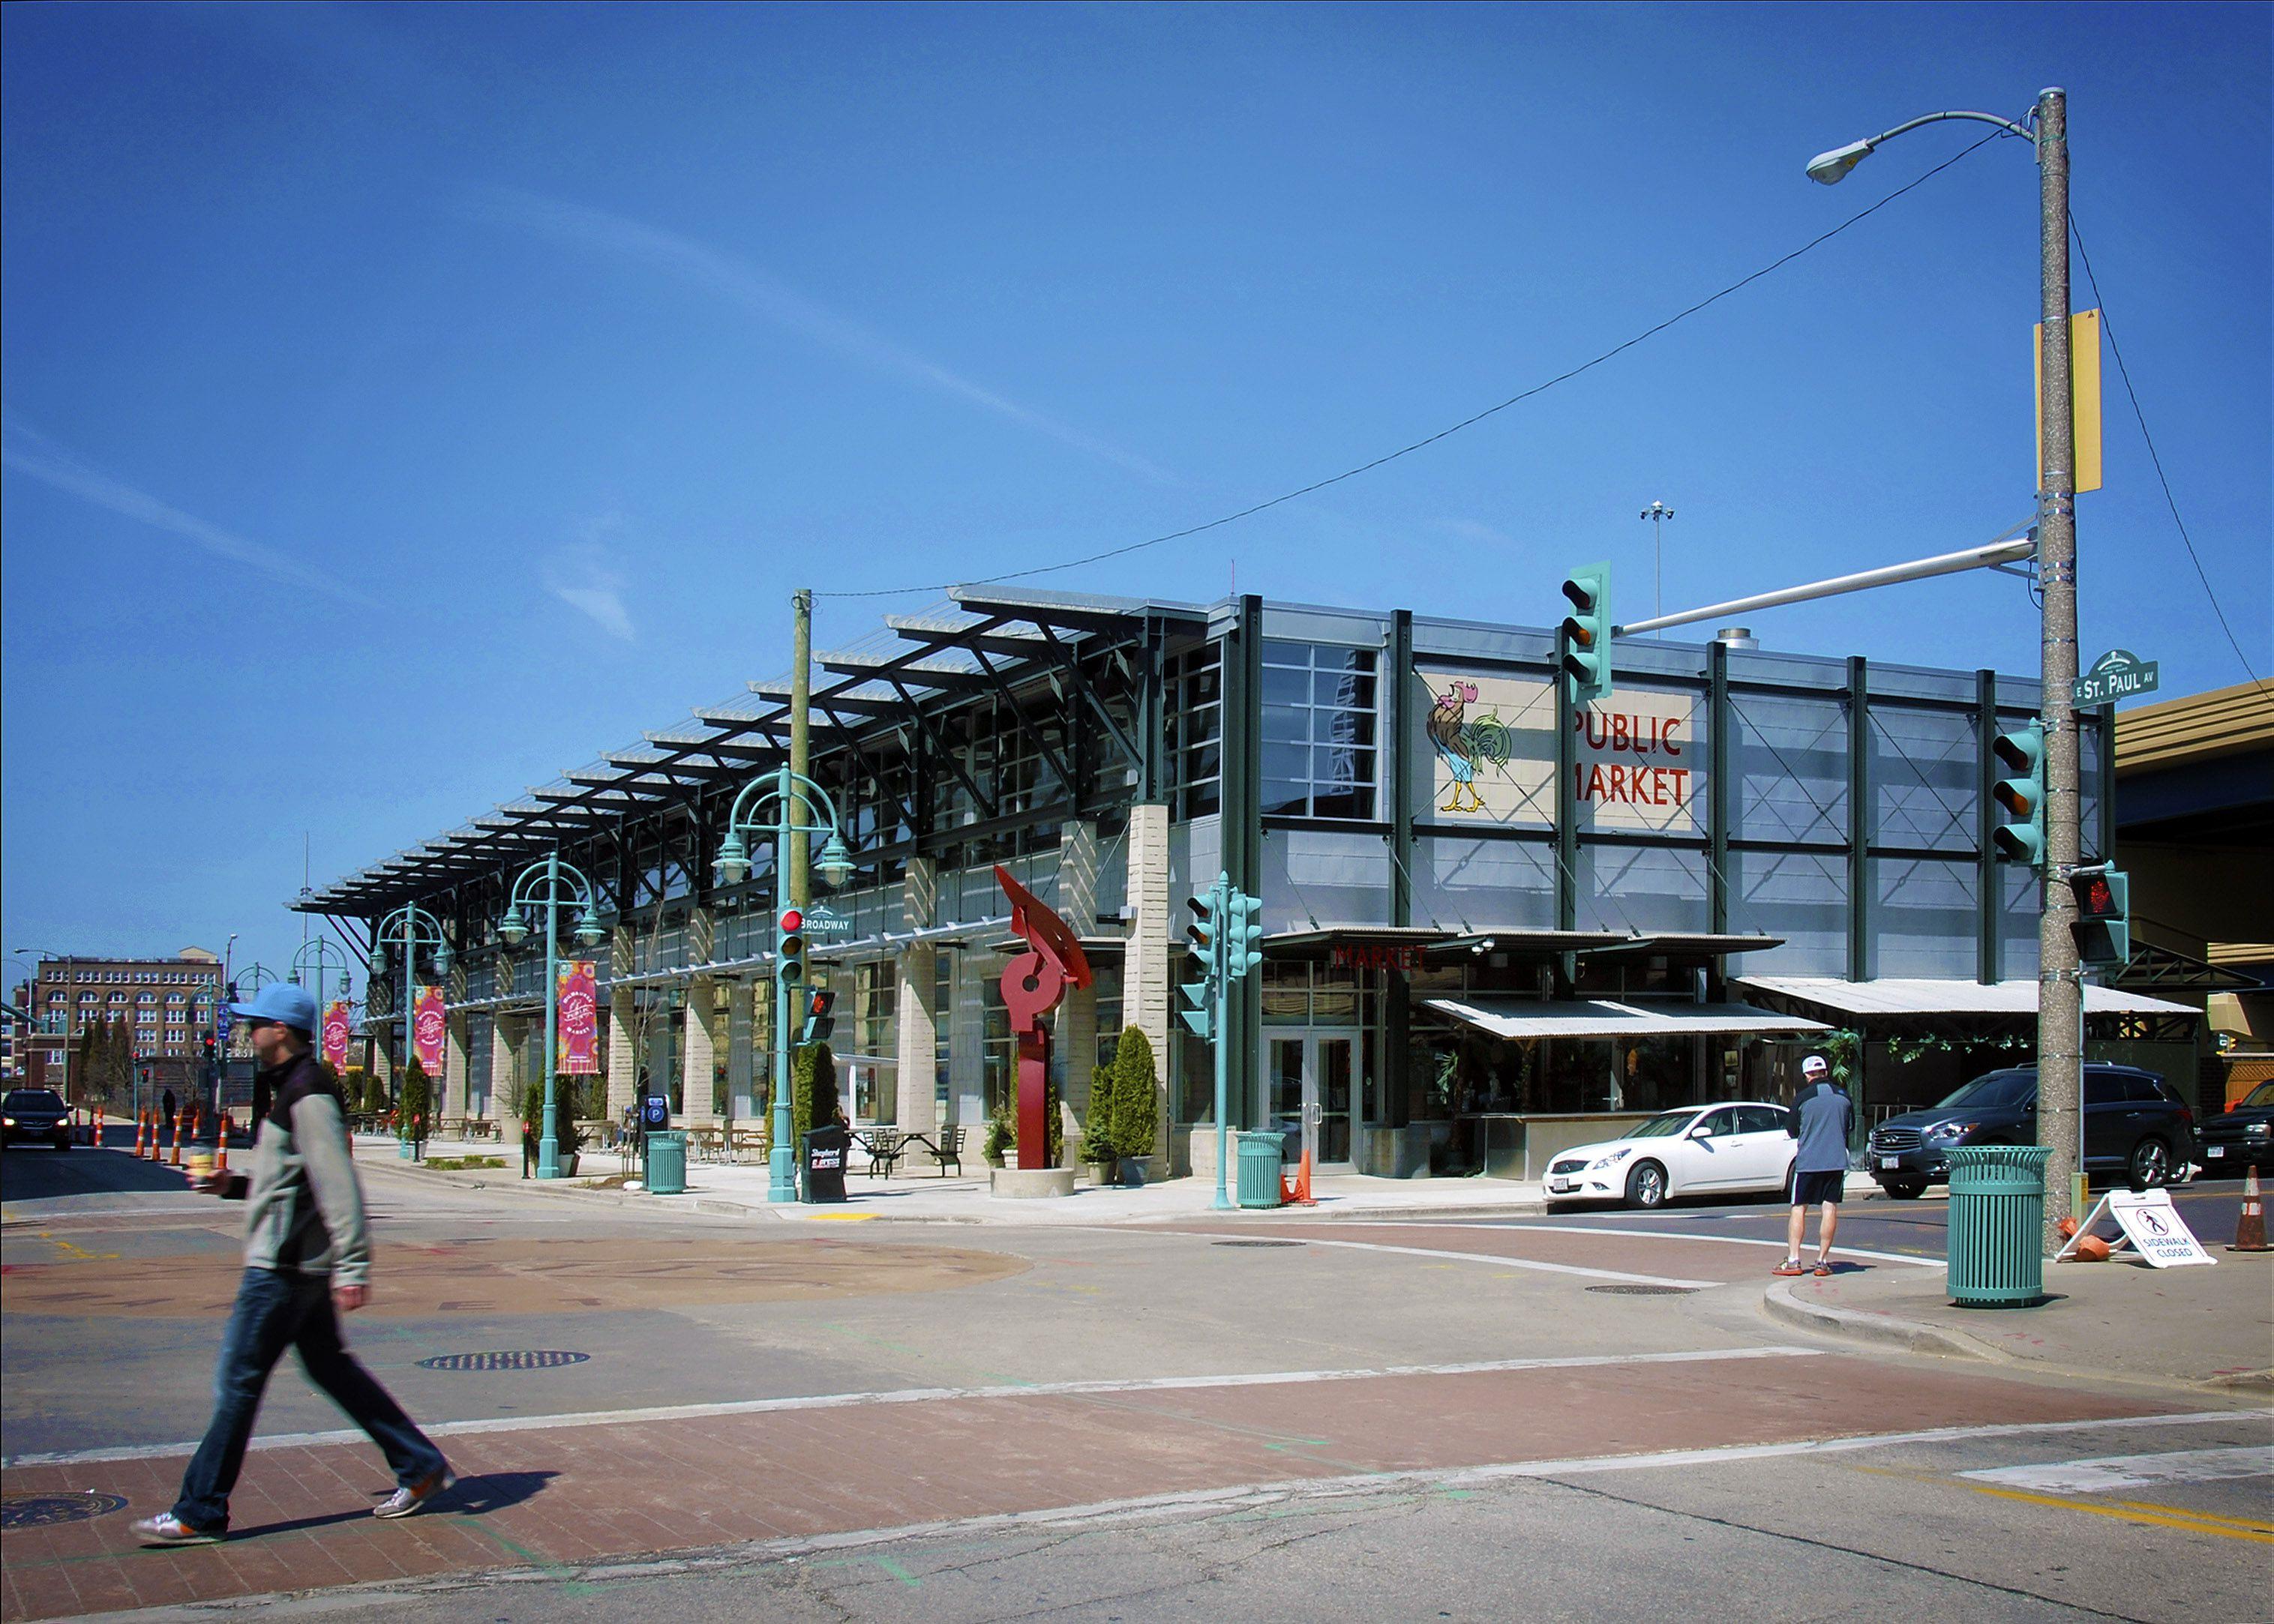 Historic Third Ward, Milwaukee